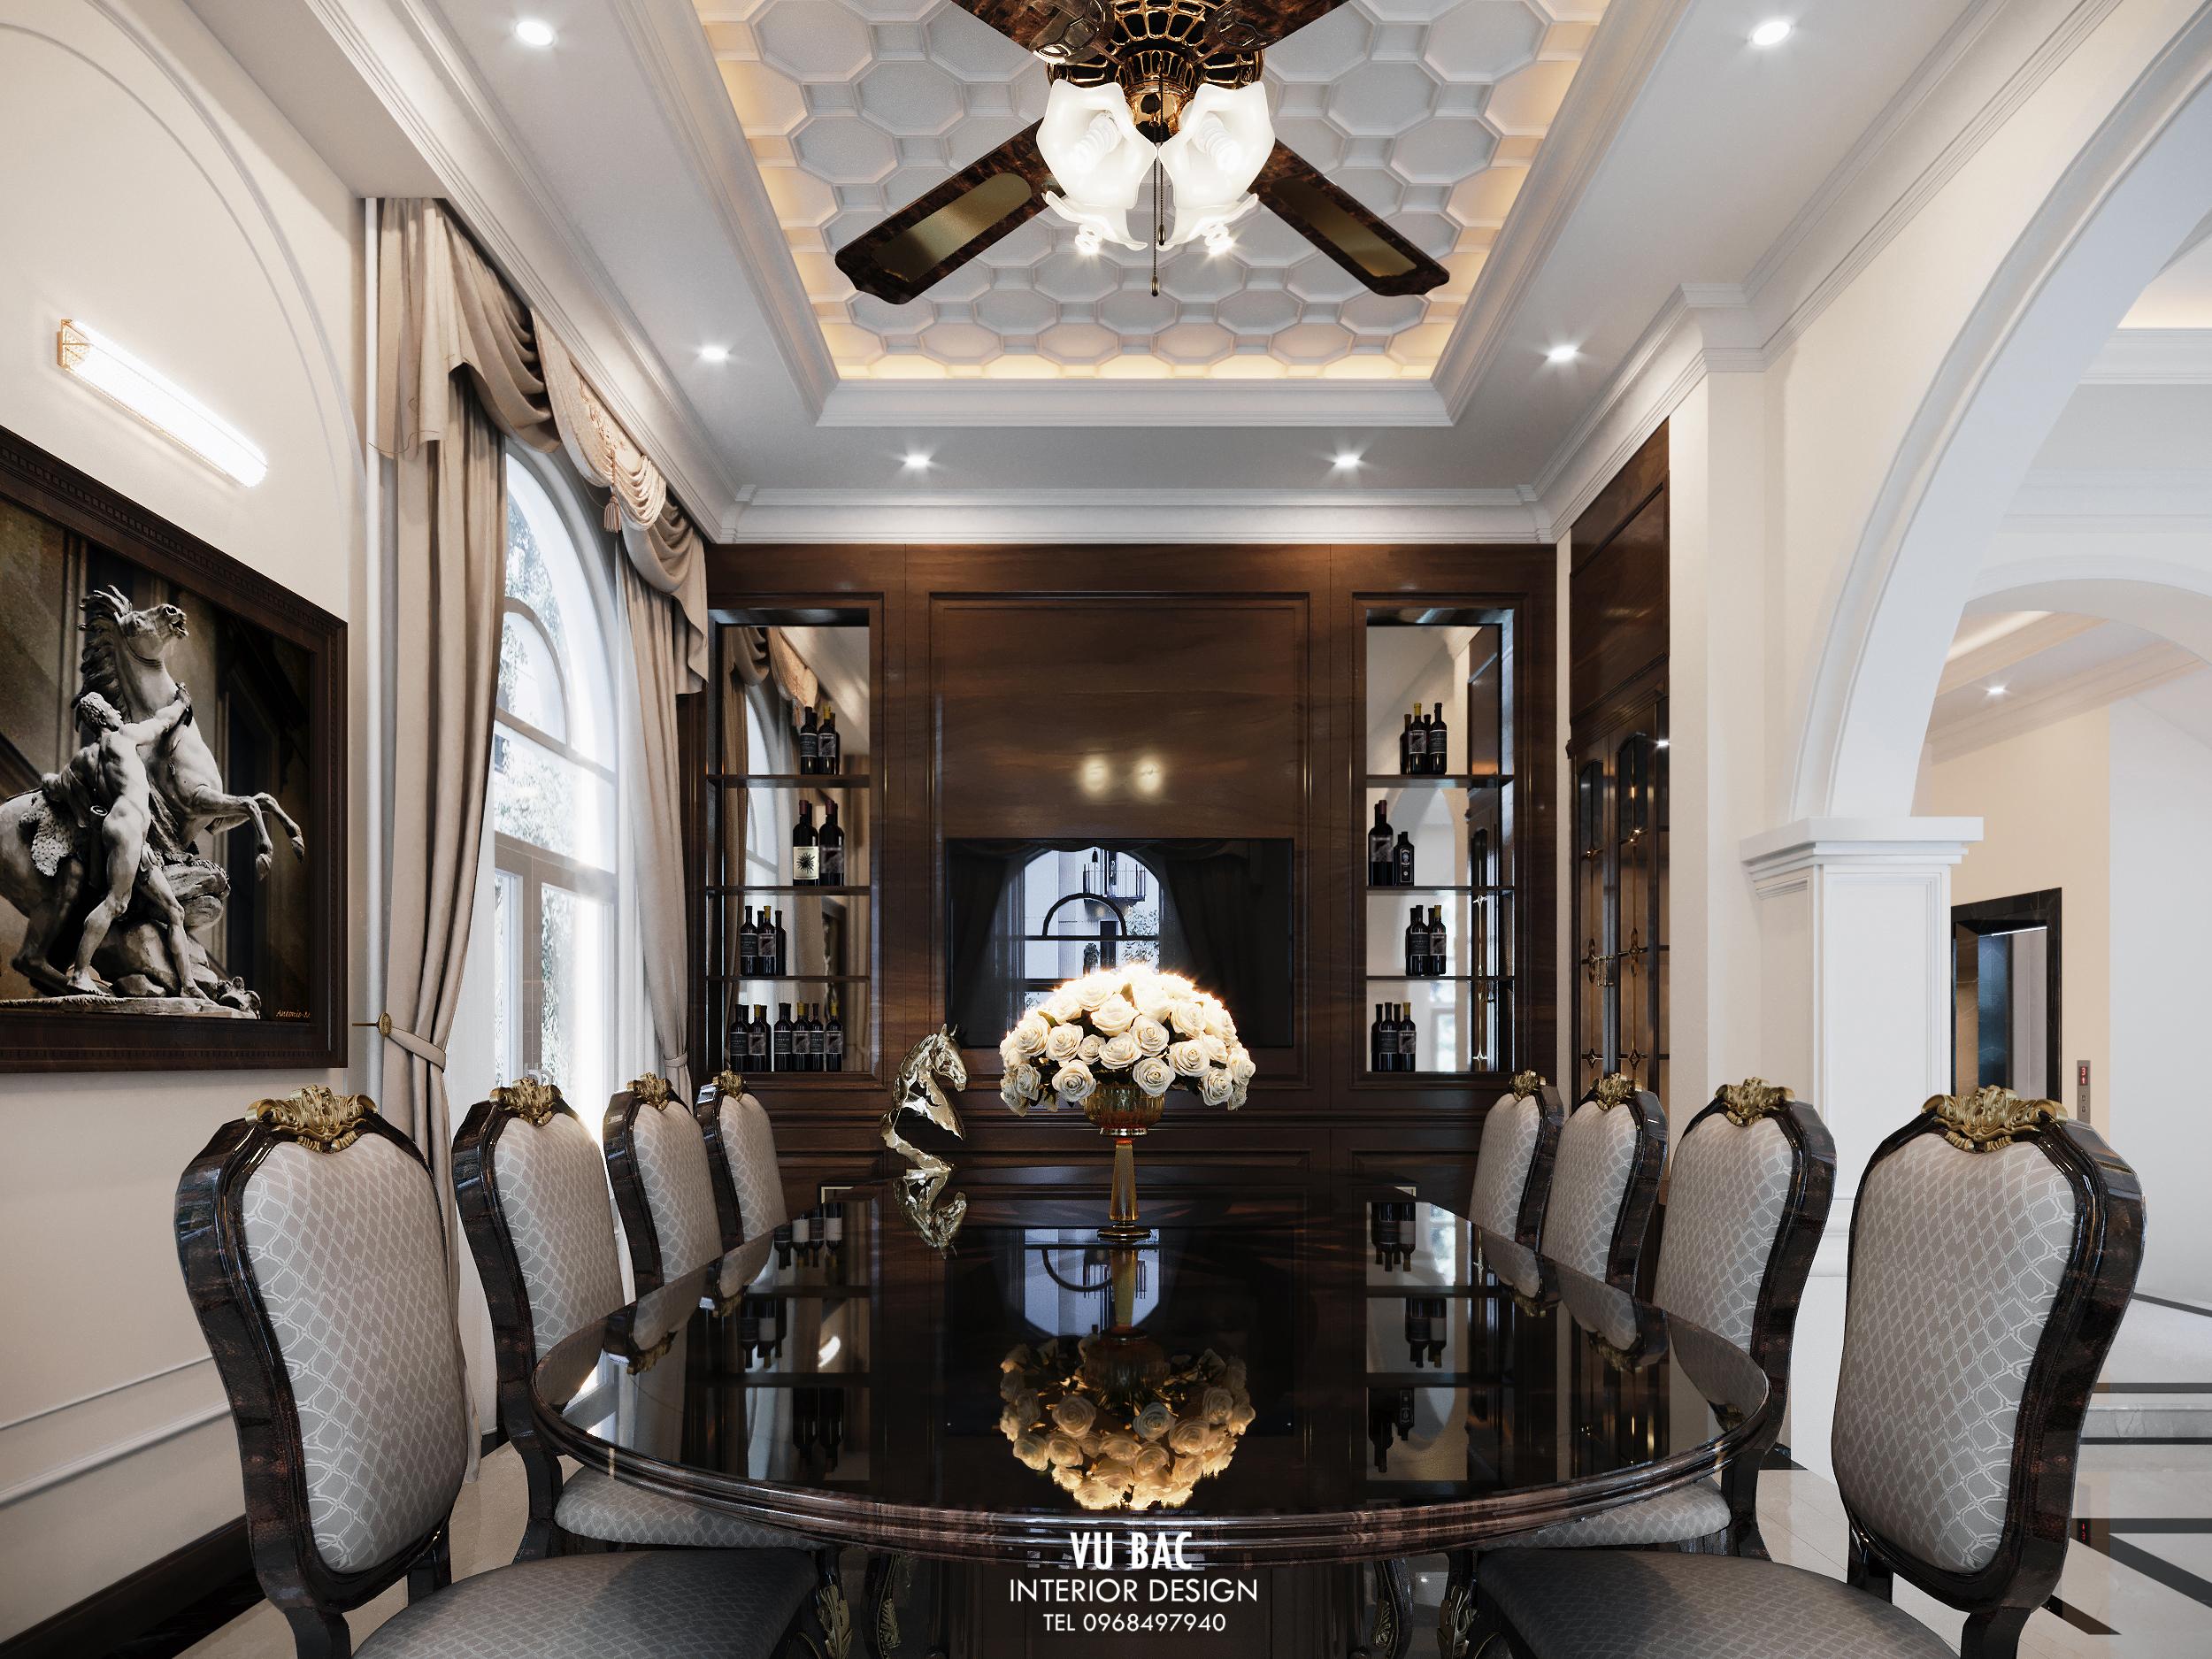 thiết kế nội thất Biệt Thự tại Hồ Chí Minh Villa Ven Sông Q7, Hồ Chí Minh 10 1548942920